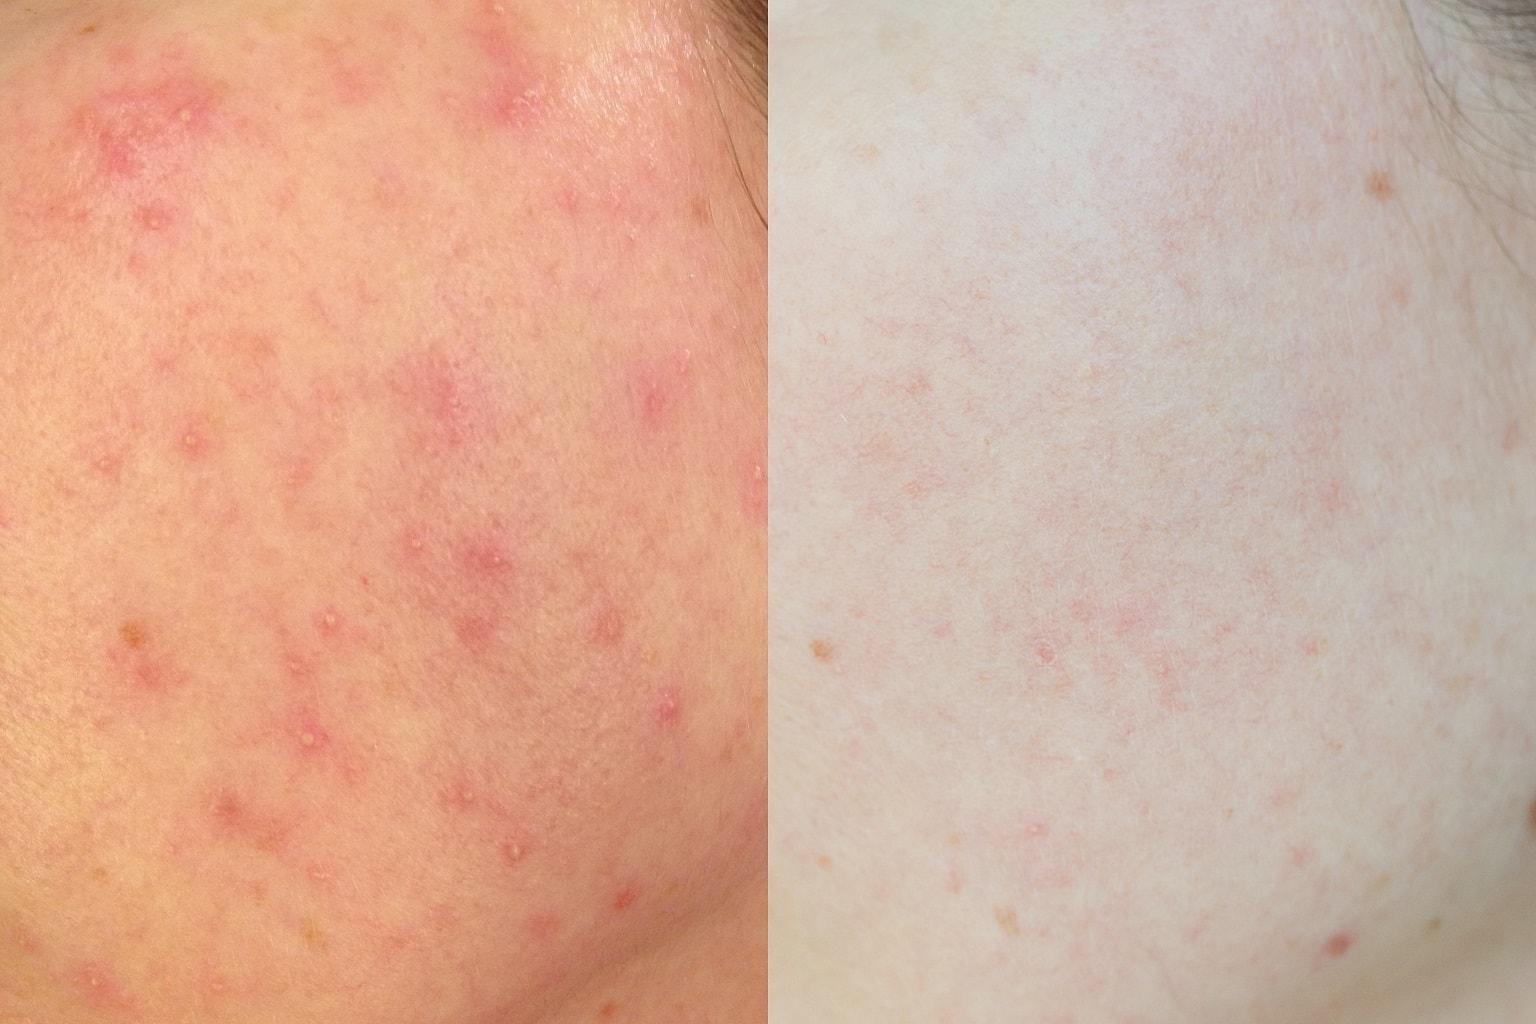 Rosazea Erfahrungsbericht Tipps Hautpflege Vergleich Schub und Haut heute